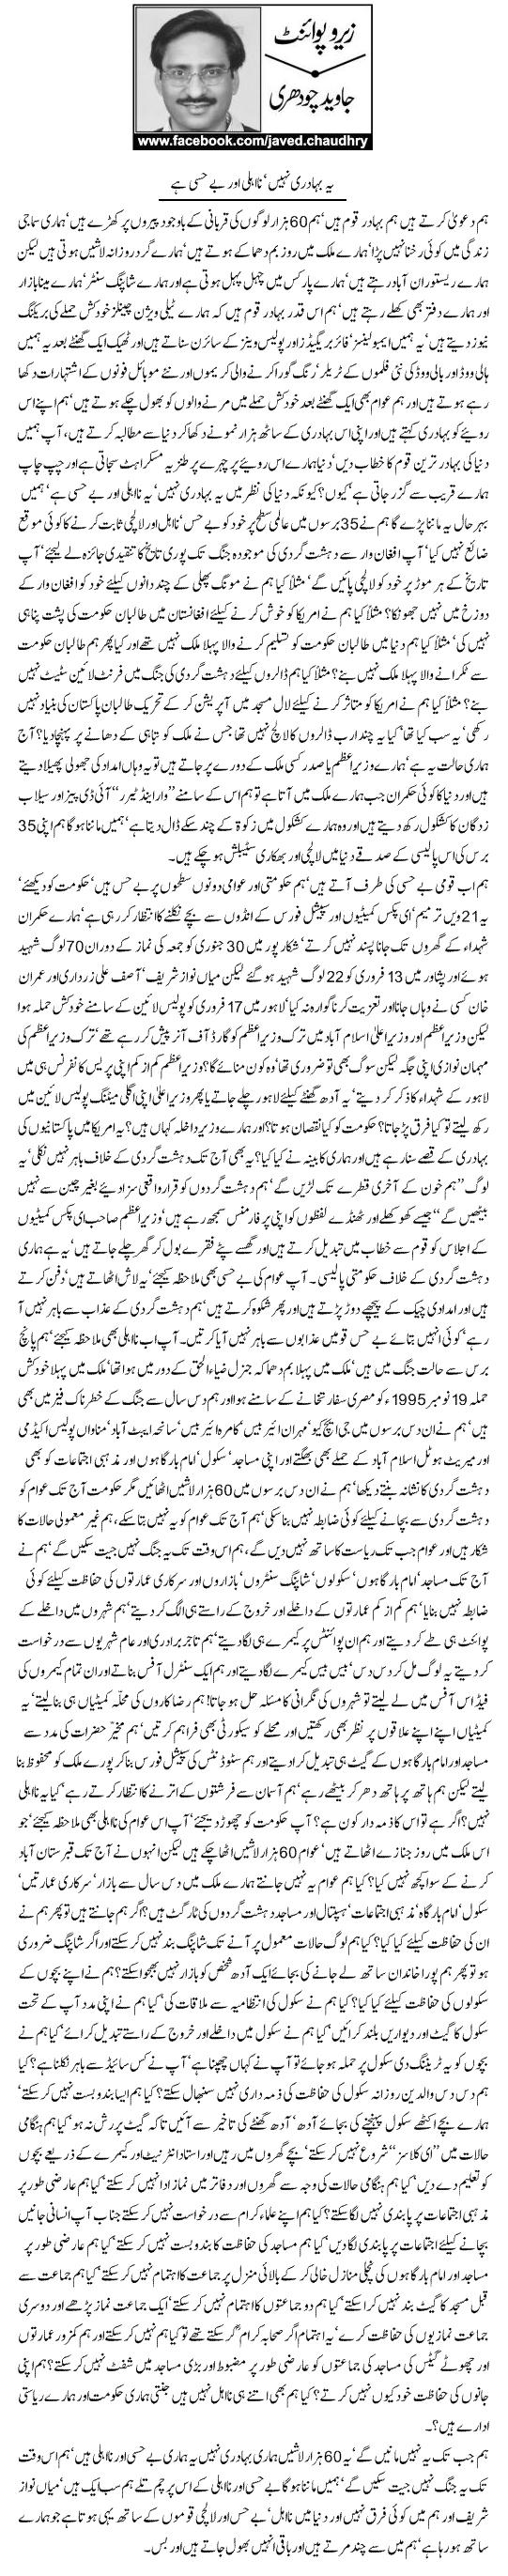 Yeh Bahaduri Nahi, NaEhli Aur BayHisi Hai By Javed Chaudhry - Pakfunny